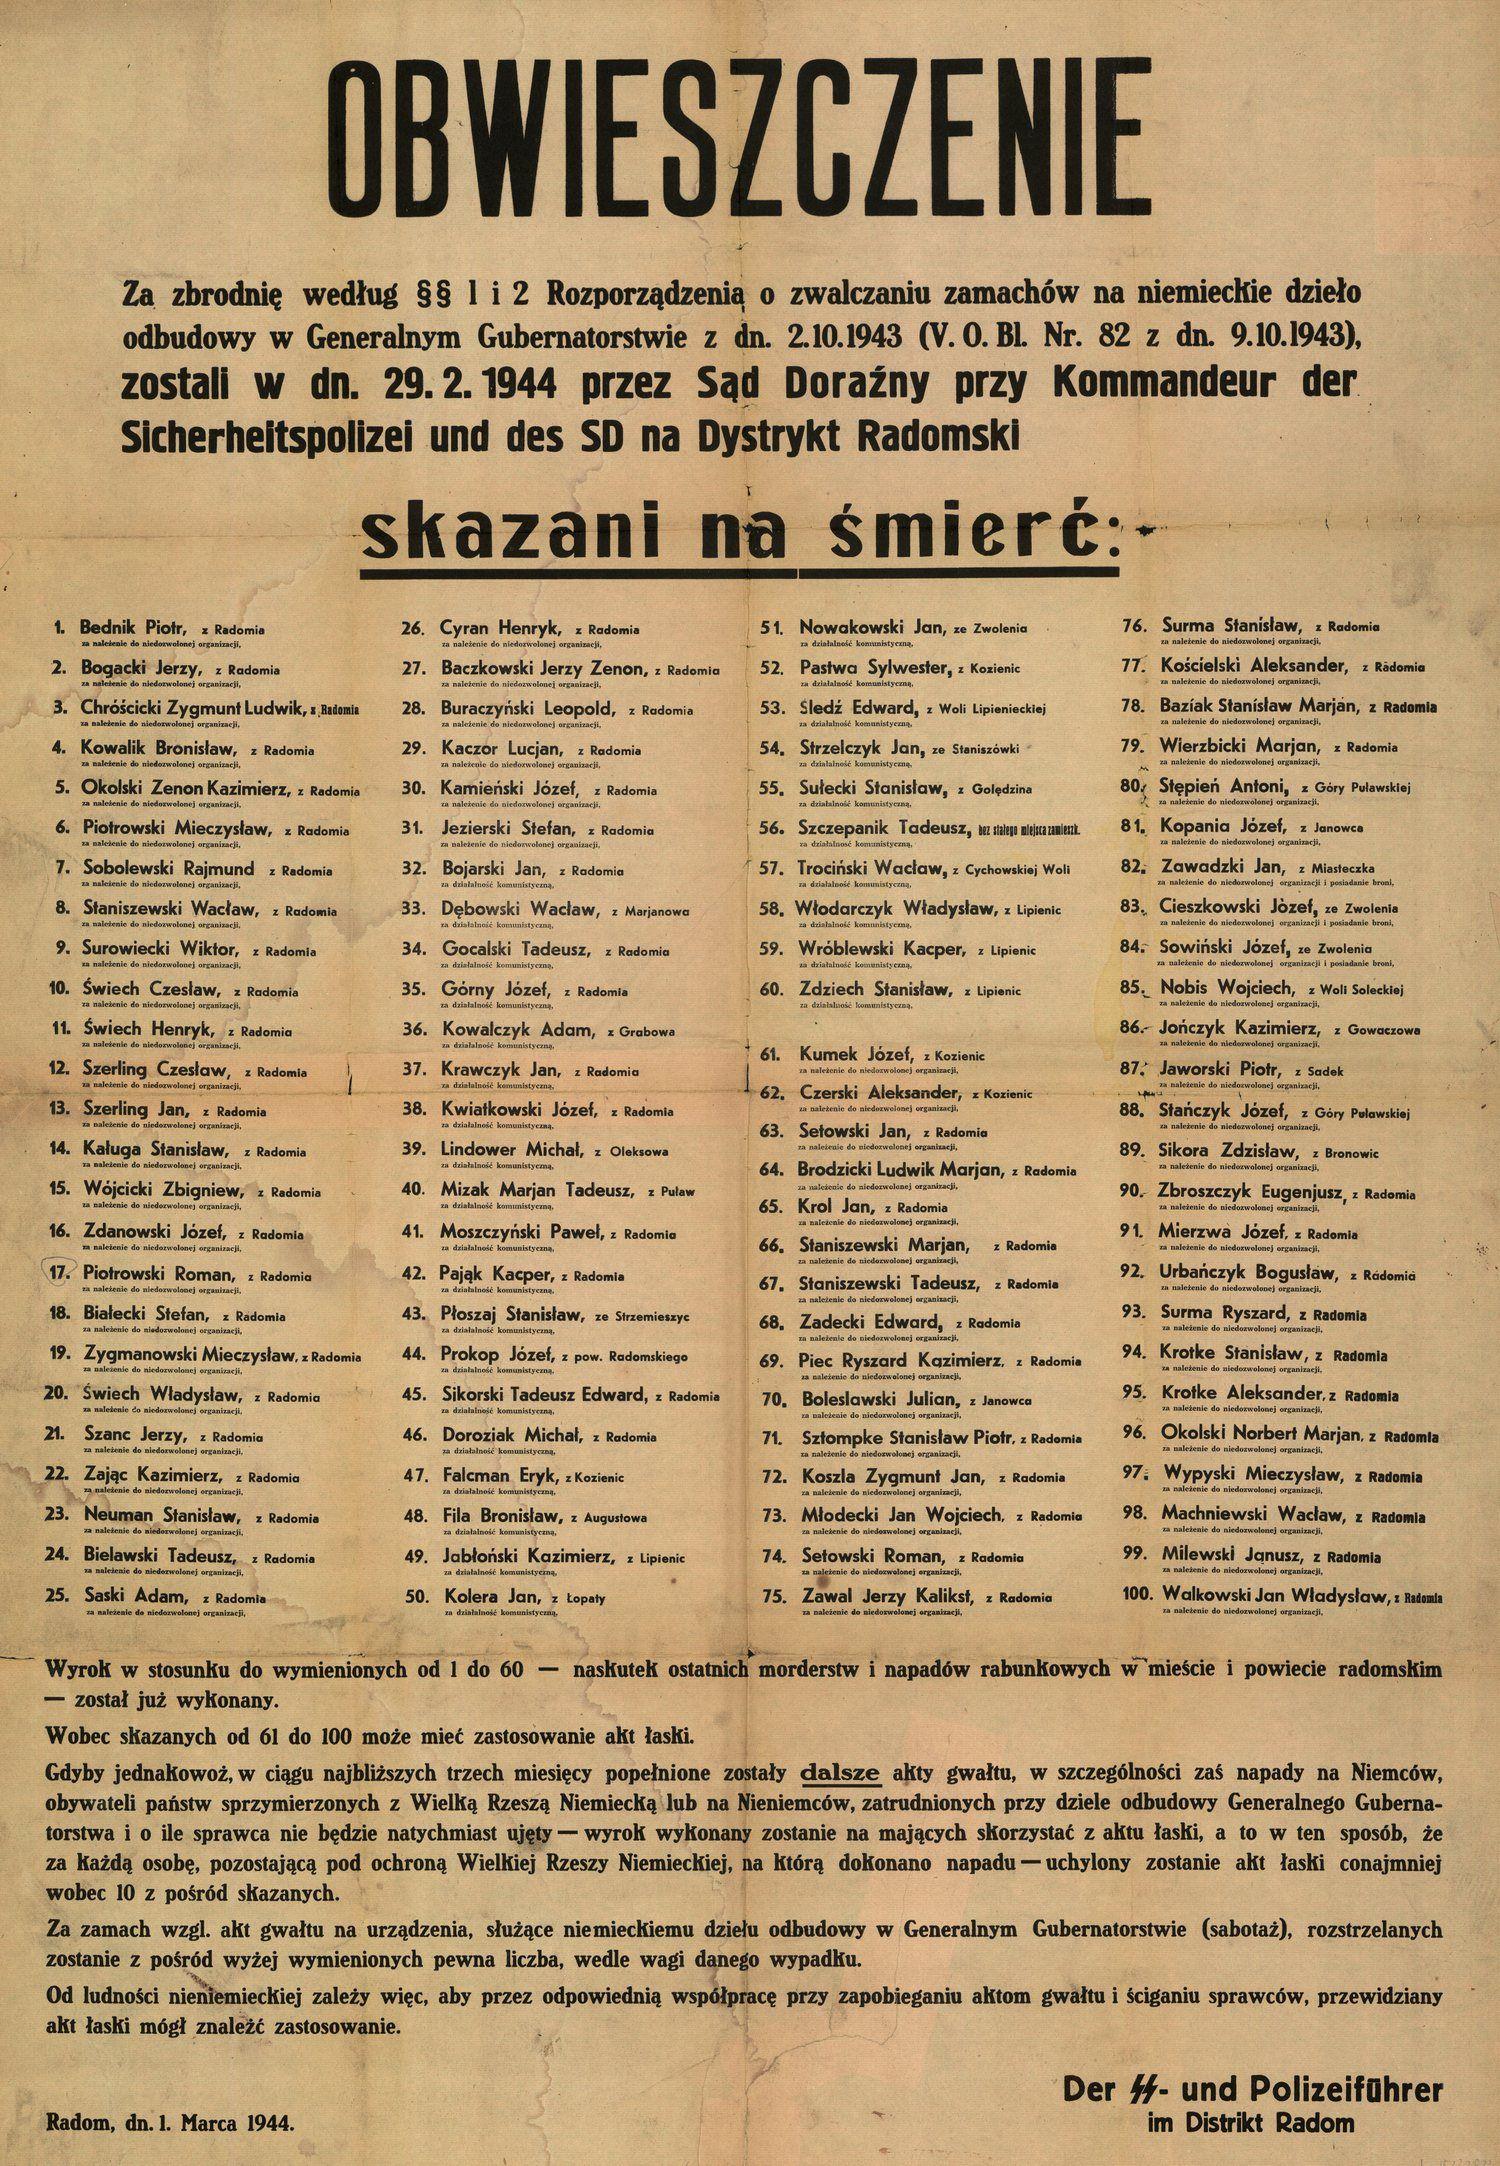 """Niemieckie obwieszczenie z lutego 1944 o skazaniu 100 Polaków na śmierć za """"zamach na dzieło niemieckiej odbudowy Generalnego Gubernatorstwa""""."""